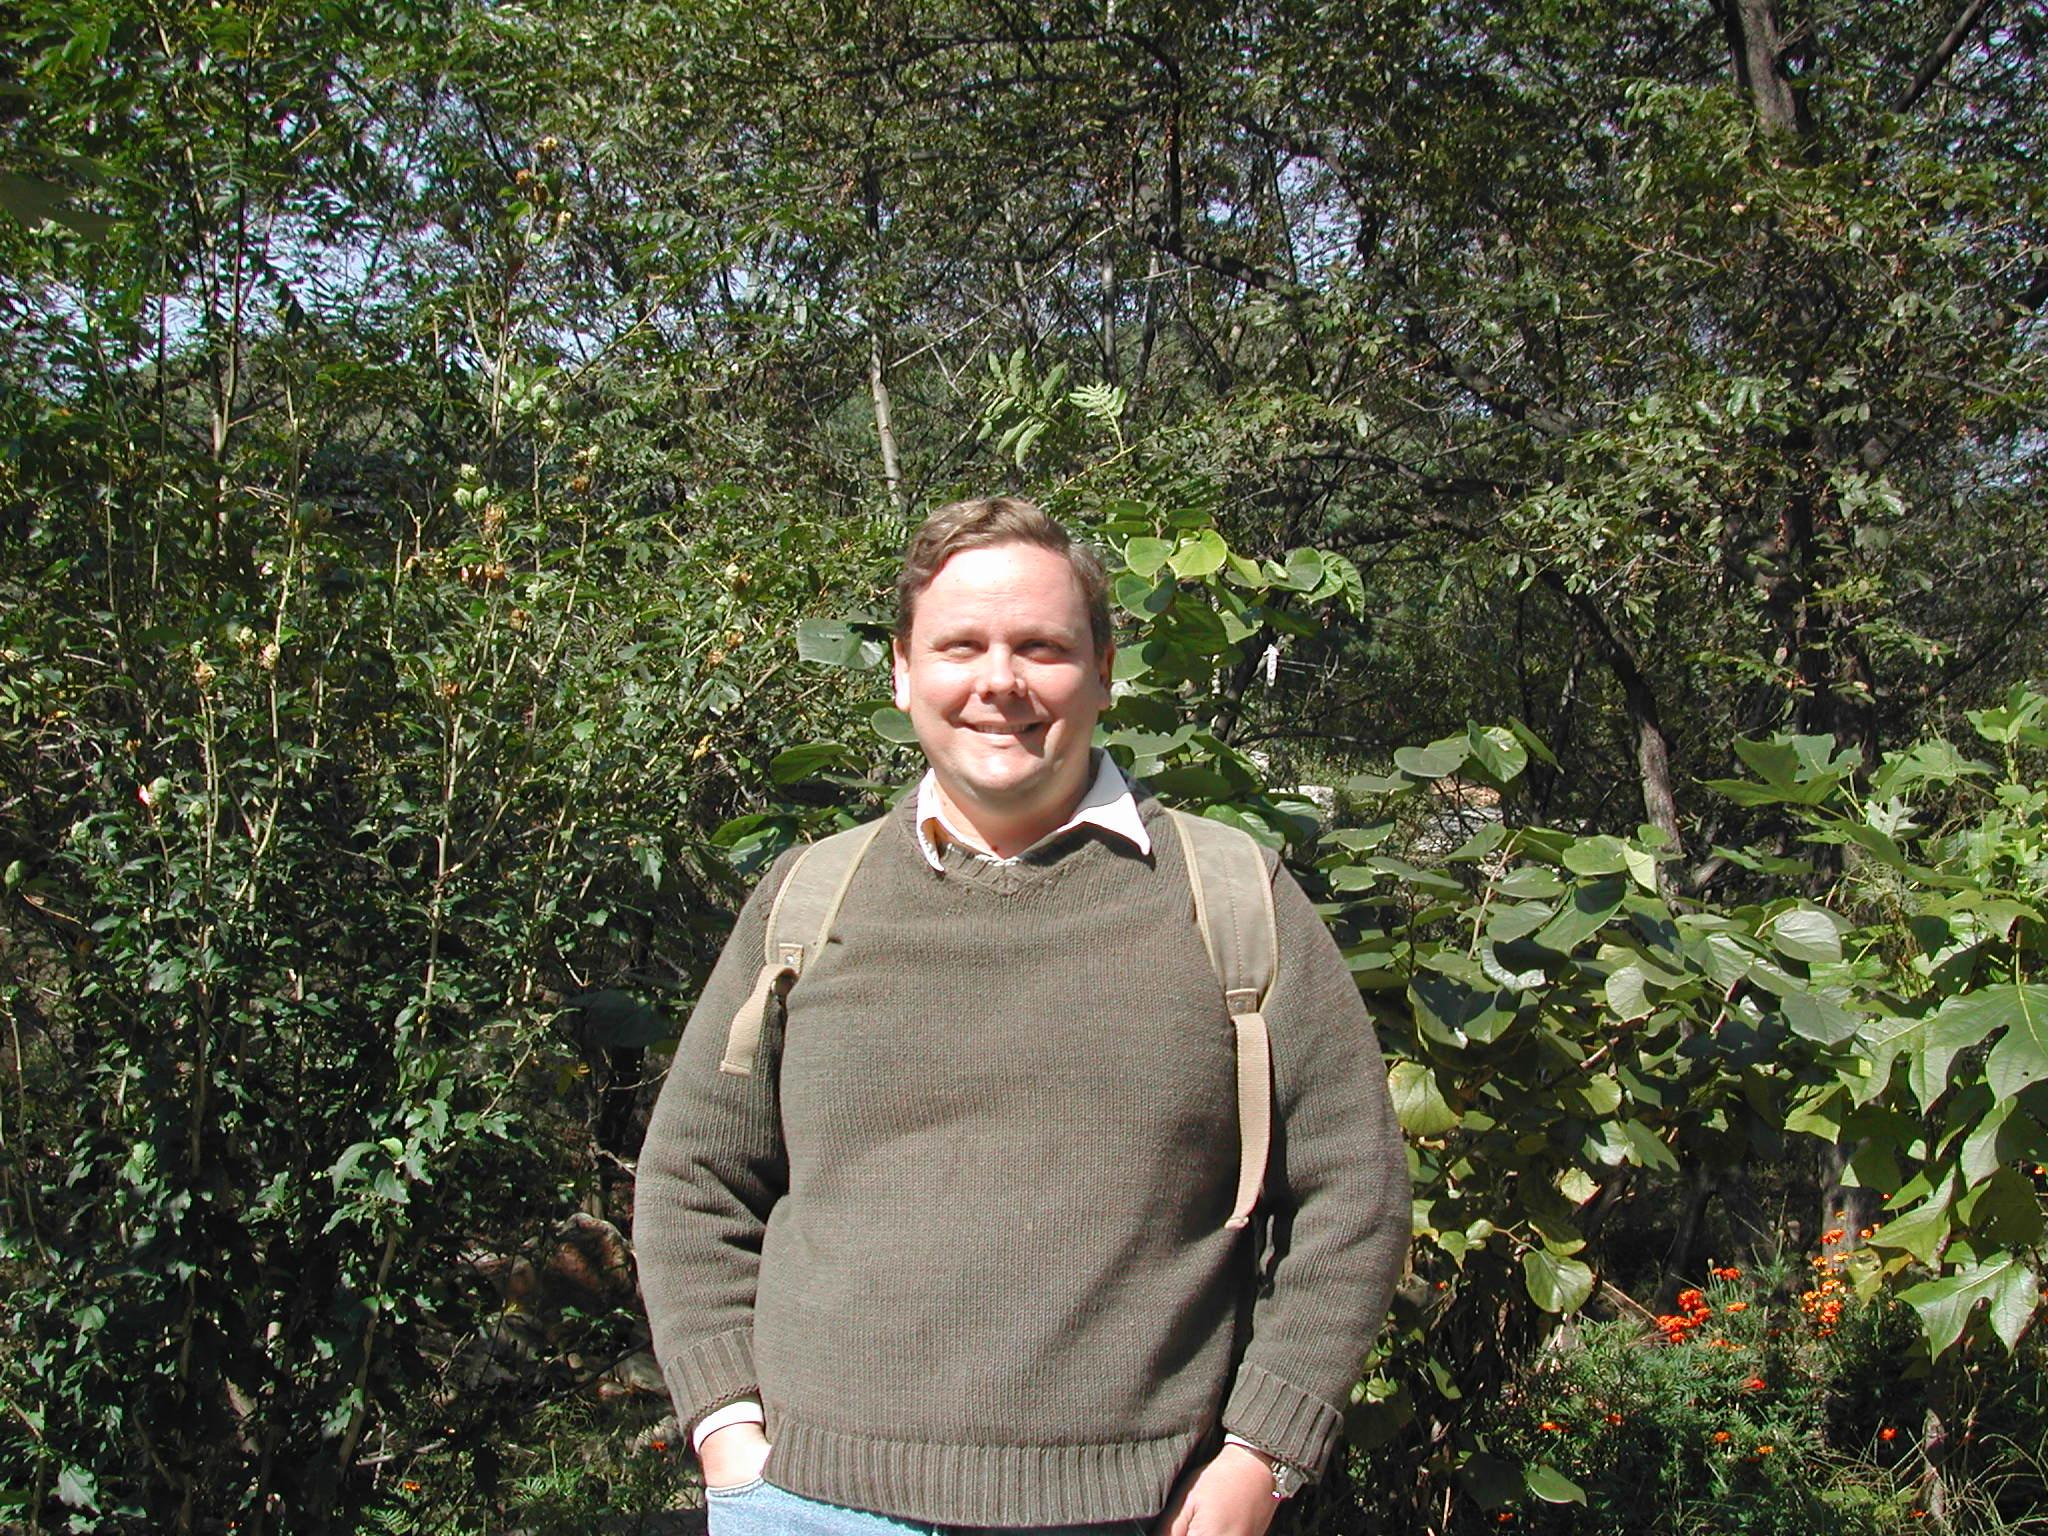 Me backpacking in Kunyu National Park, Shandong, China